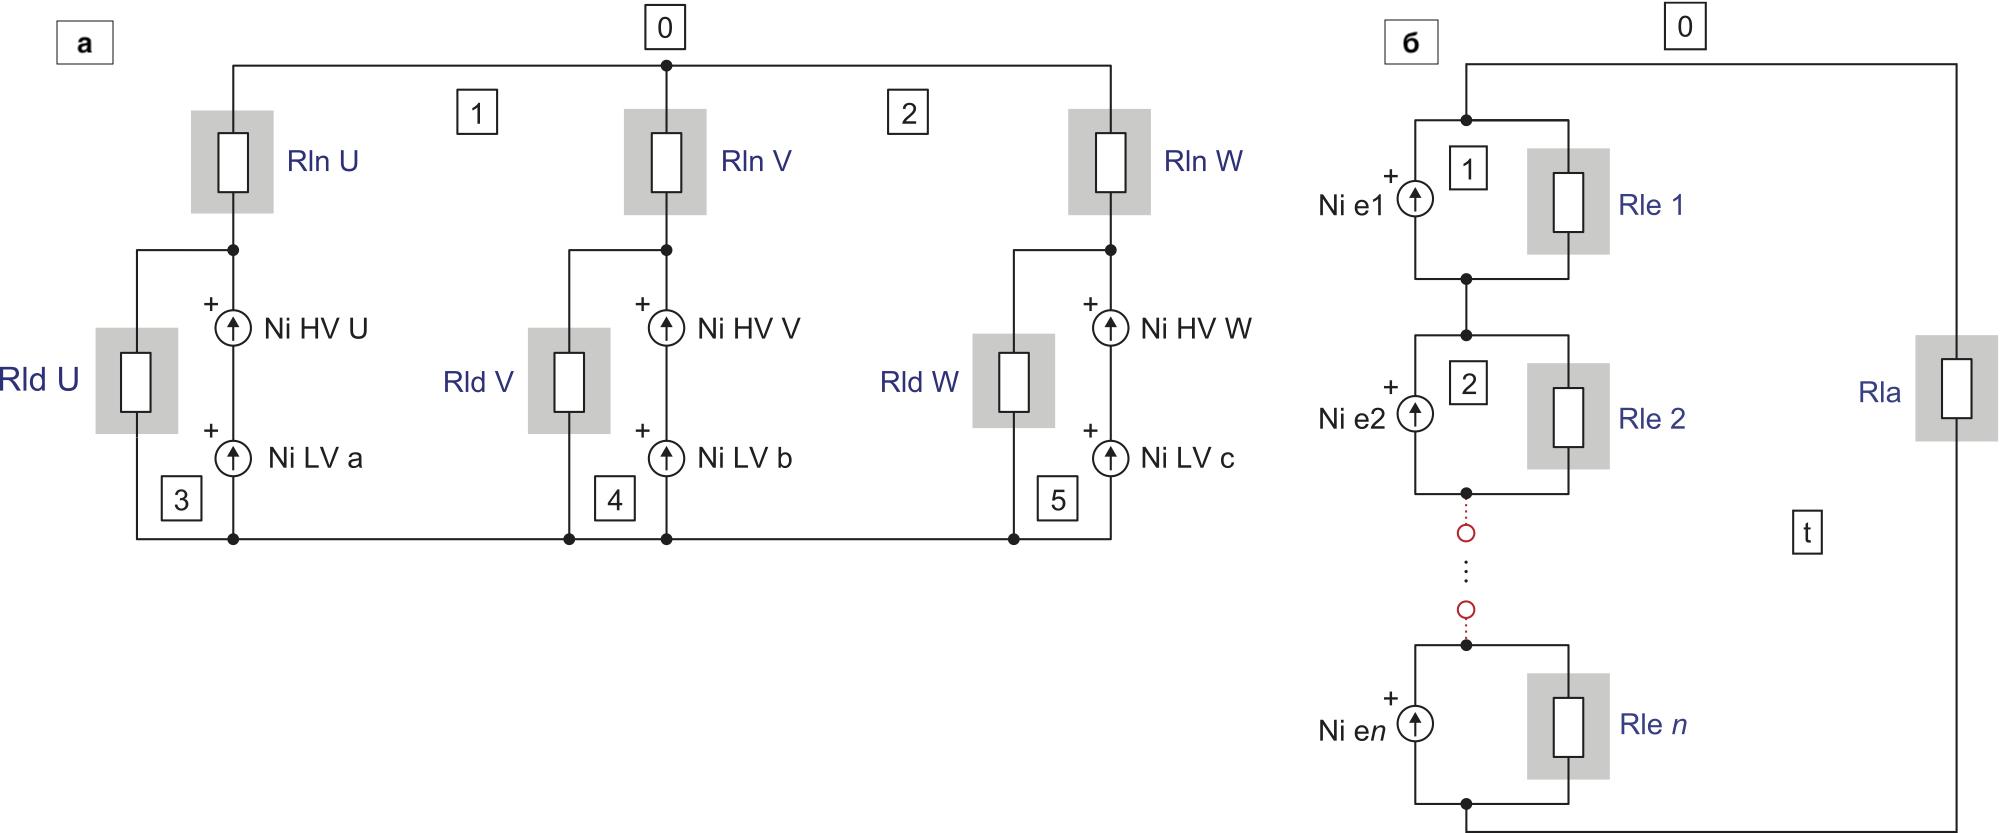 Магнитная цепь учитывает магнитные сопротивления и магнитодвижущие силы и отражает поведение магнитного поля: а) в сердечнике и на границе (переходе) сердечник- диэлектрик на низких частотах и в первой высокочастотной части рассматриваемой полосы частот; б) в обмотке во второй высокочастотной части рассматриваемой полосы частот